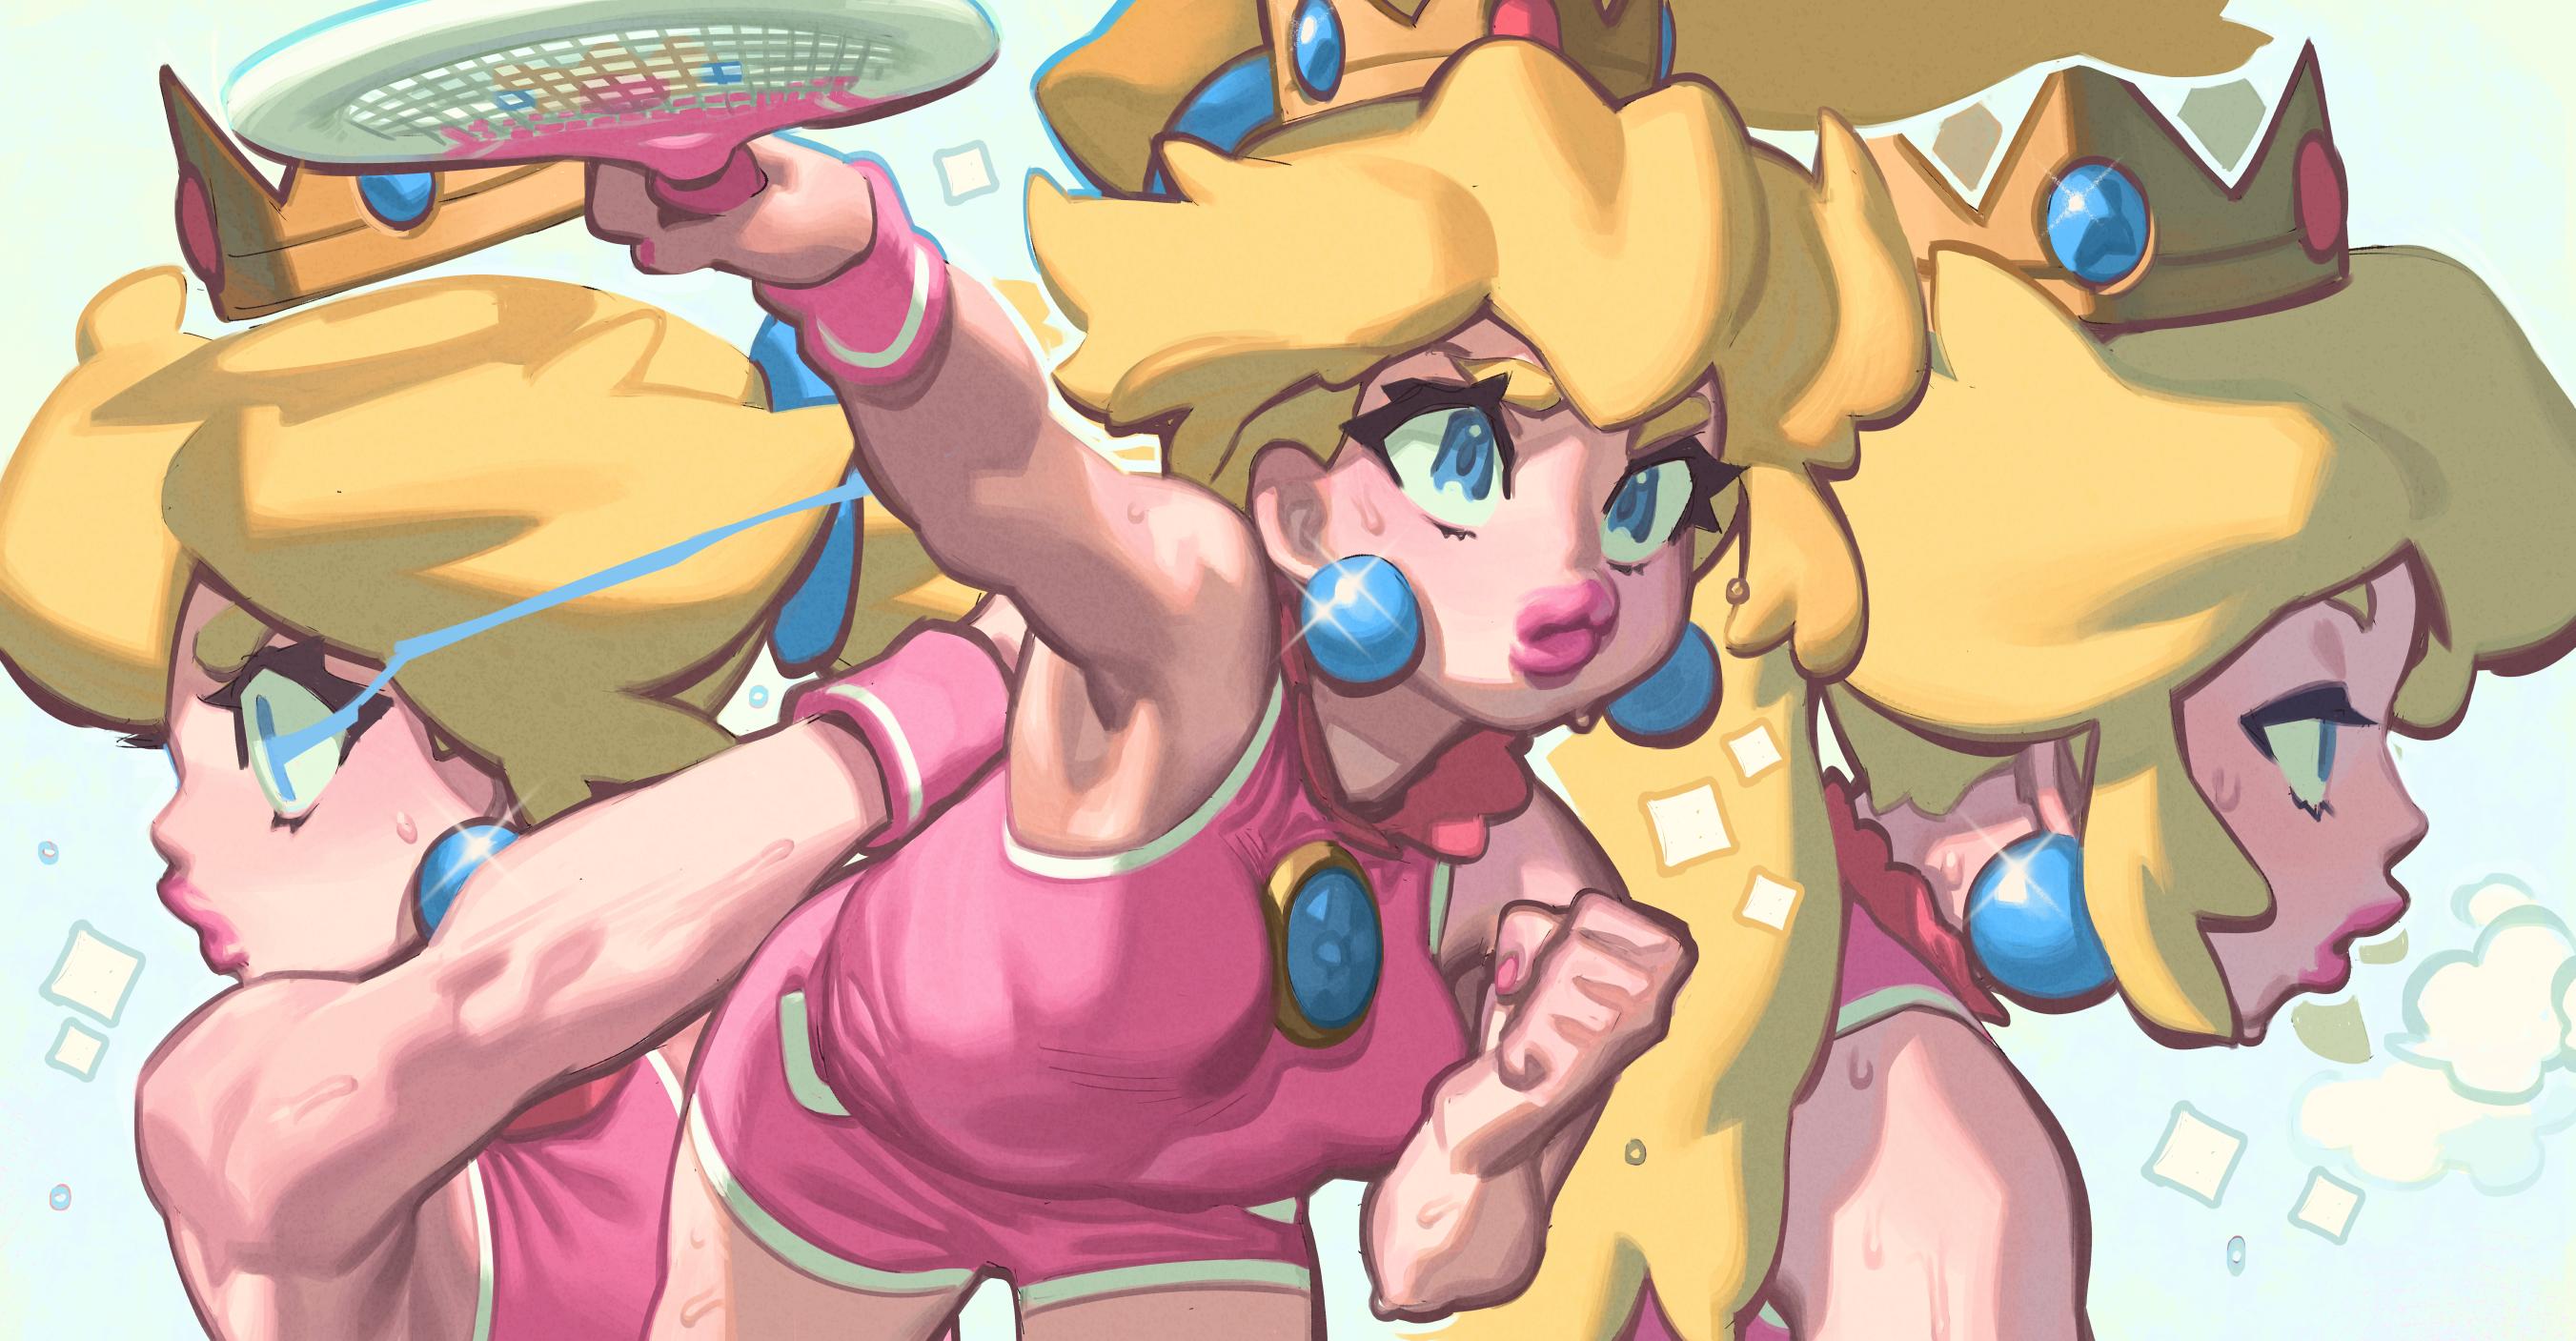 Peach Tennis